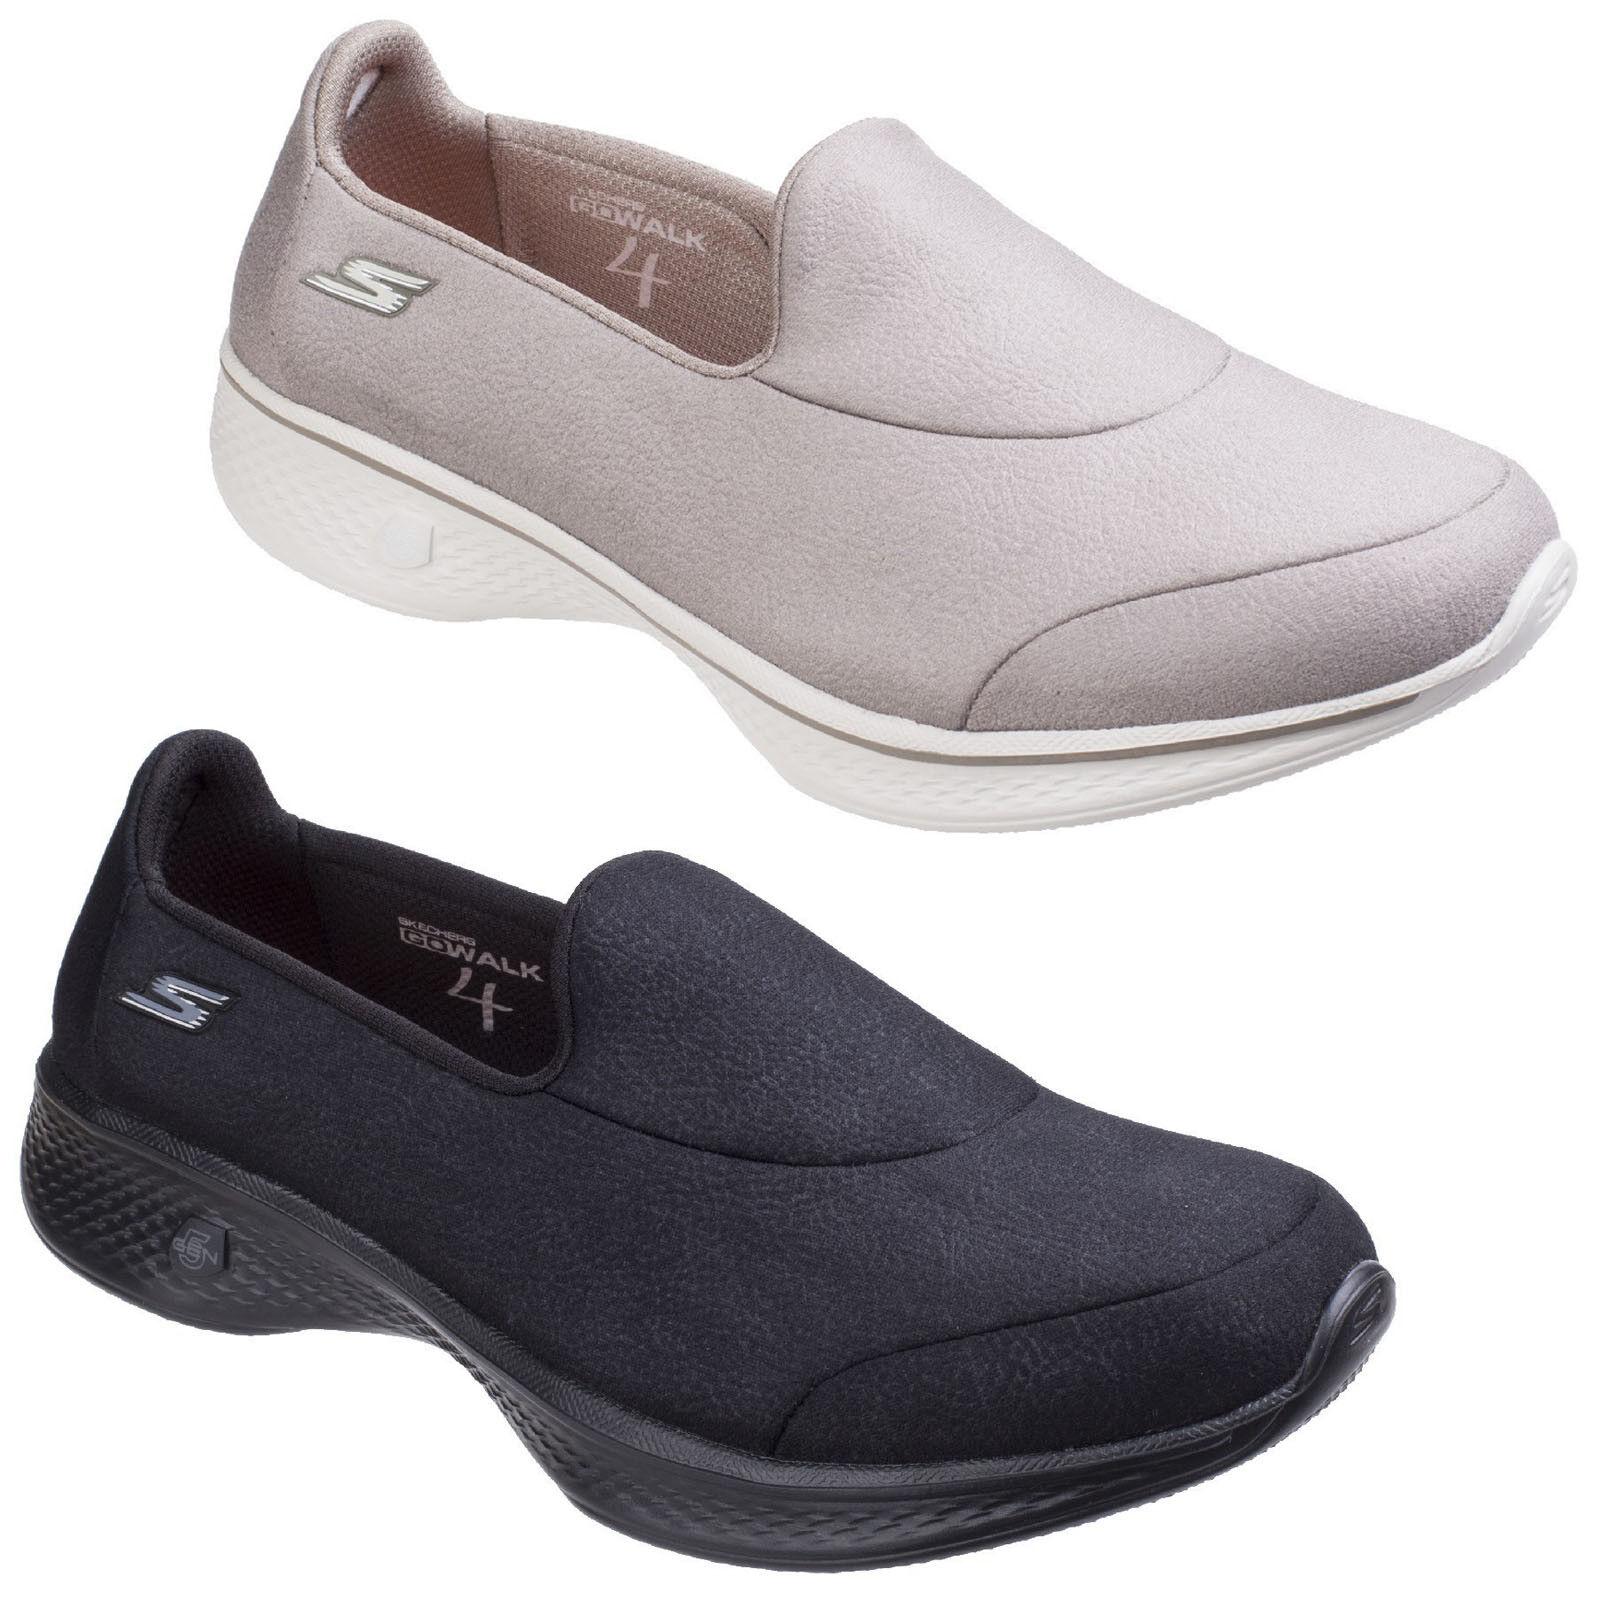 Zapatos promocionales para hombres y mujeres SKECHERS GO WALK 4 inspirar Zapatillas mujer espuma viscoelástica moderno